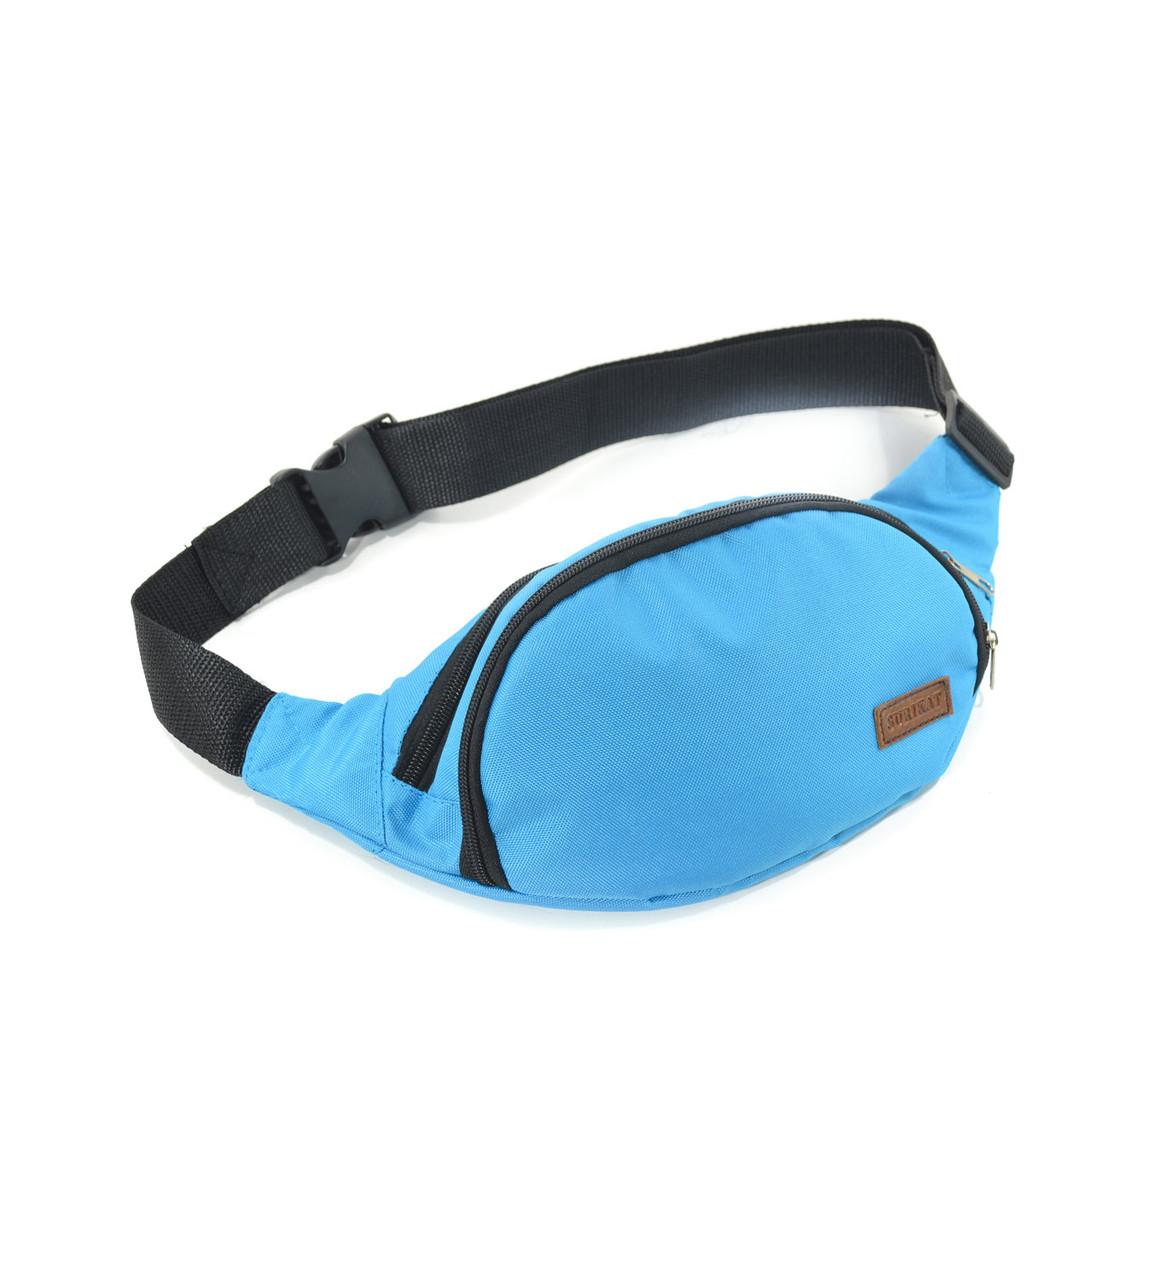 36cc9d10c4de Поясная сумка голубая Banan Surikat, цена 220 грн., купить в Луцке ...